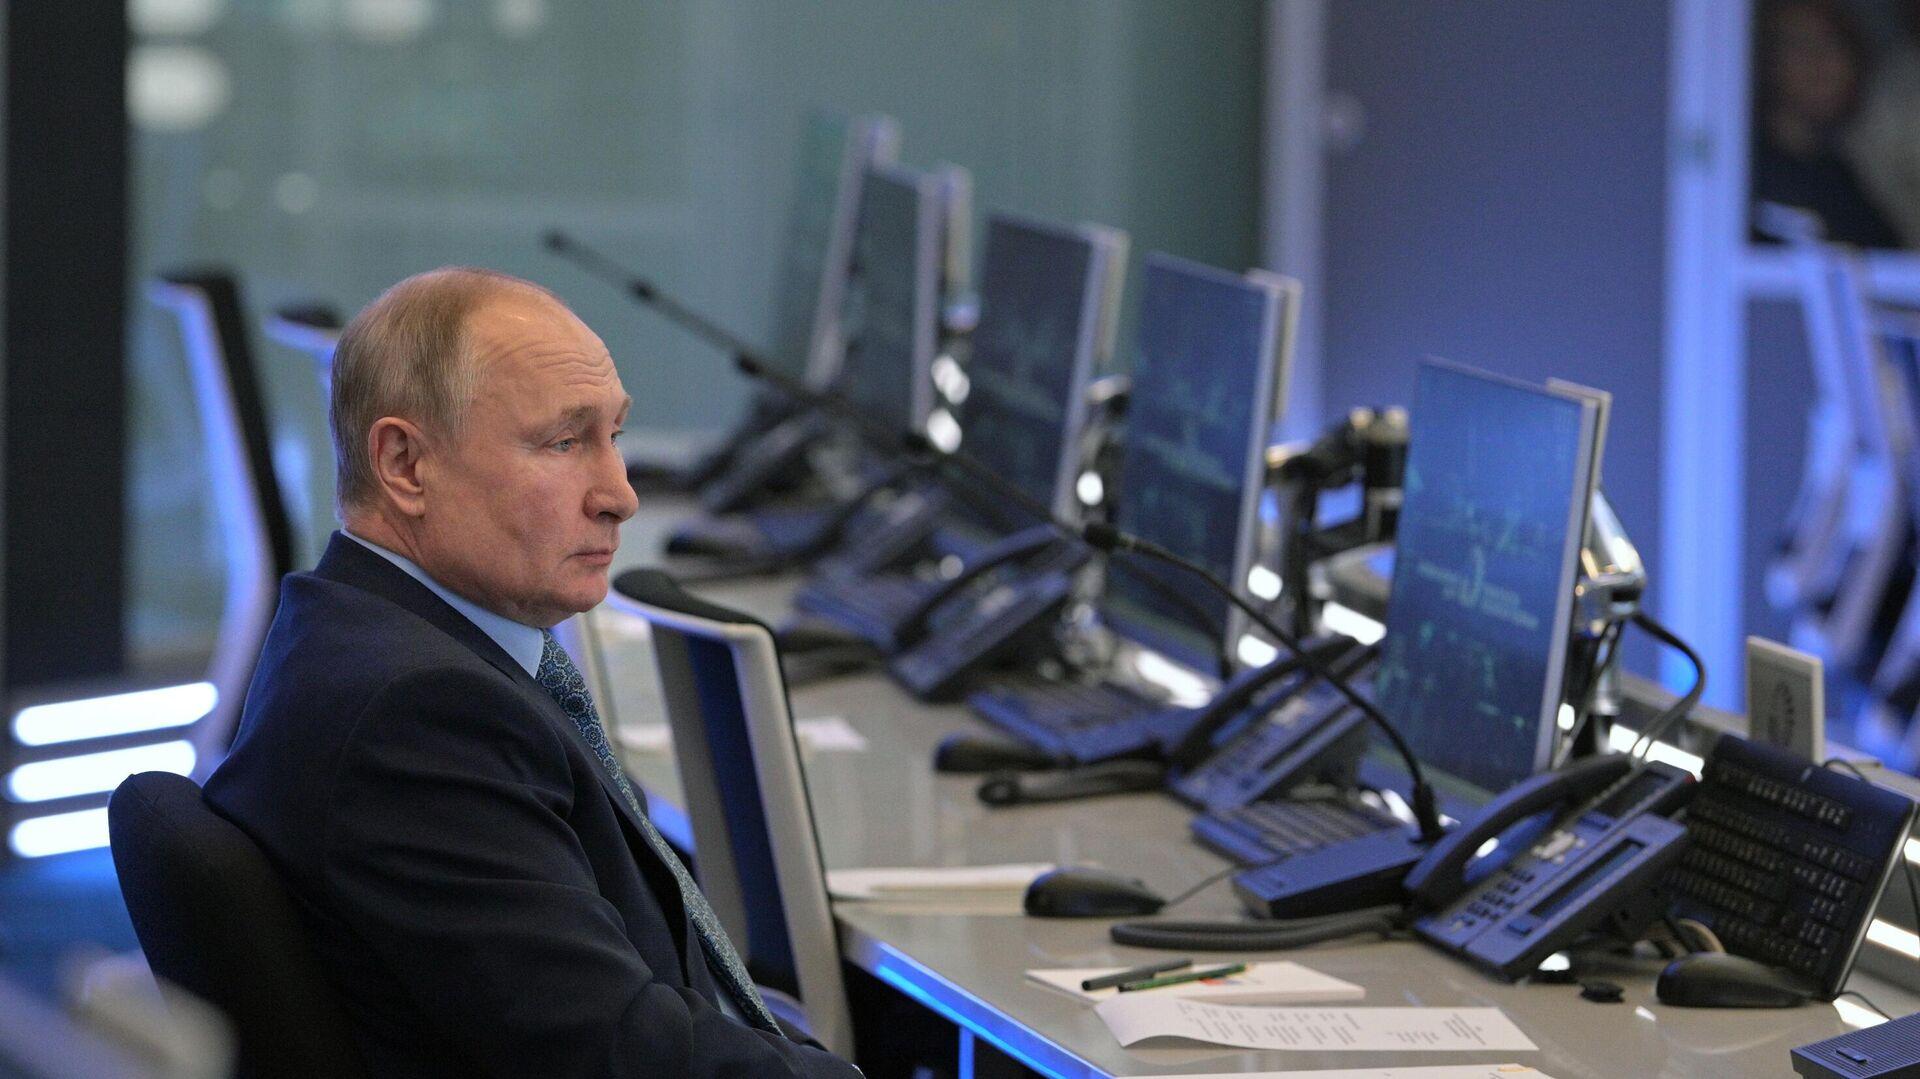 Predsednik Rusije Vladimir putin tokom posete Koordinacionom centru Vlade Rusije - Sputnik Srbija, 1920, 02.09.2021